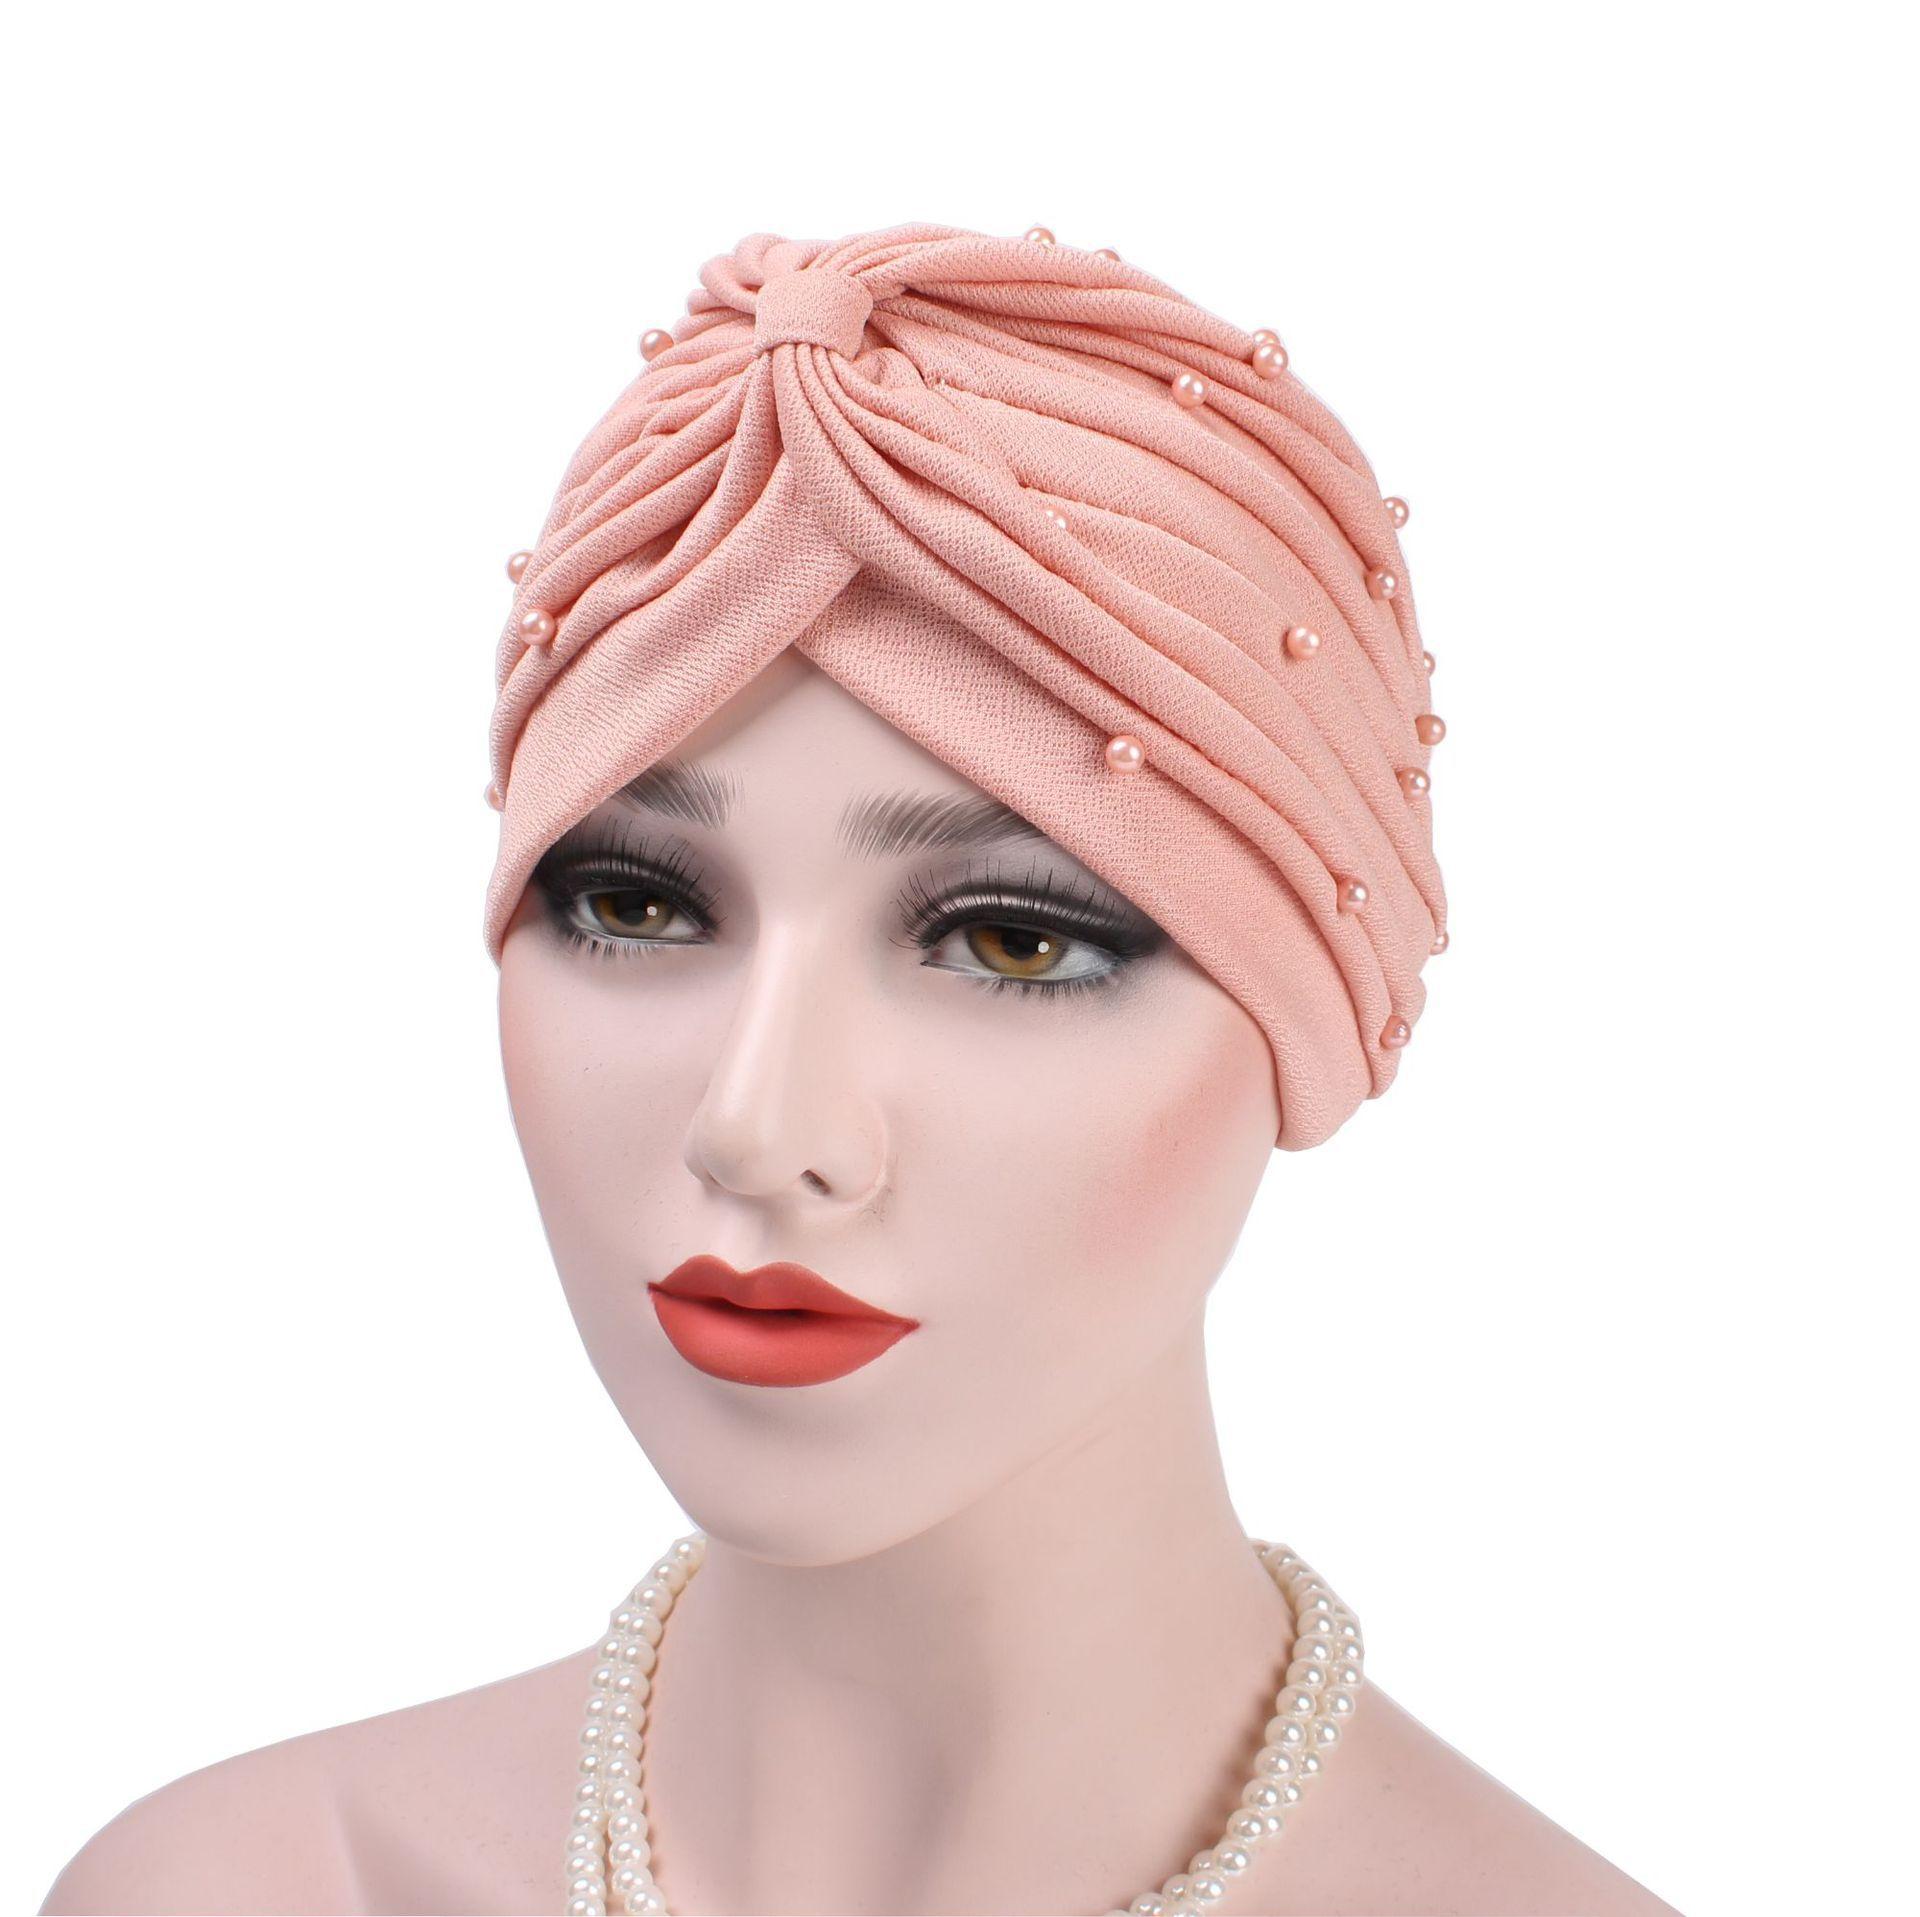 女性の帽子インド女性イスラム教徒癌化学及血帽子ビーニースカーフターバンヘッドラップキャップ女性の帽子